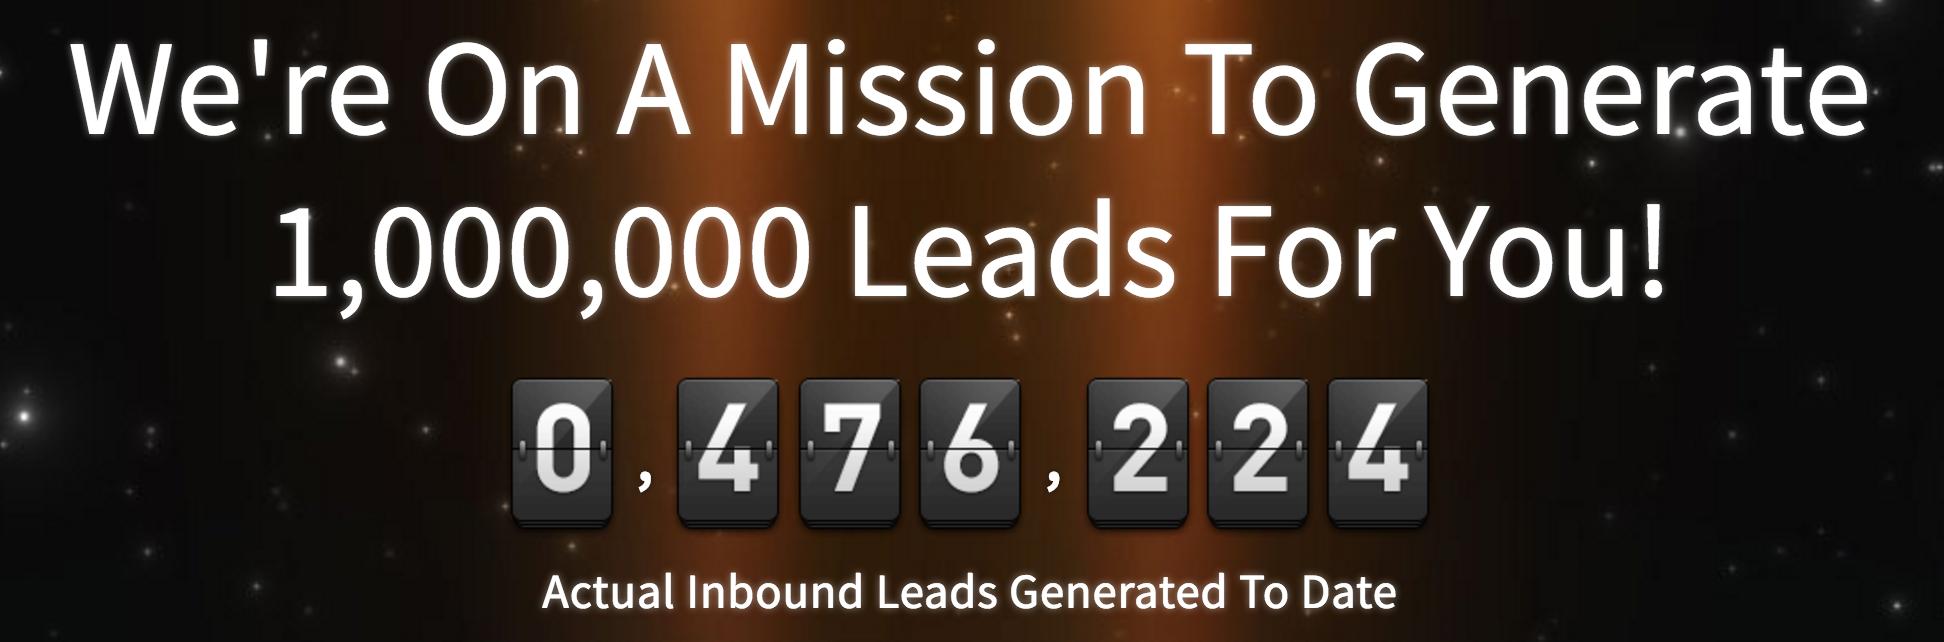 5 Inbound Marketing Agencies I Wish Weren't So Darn Amazing